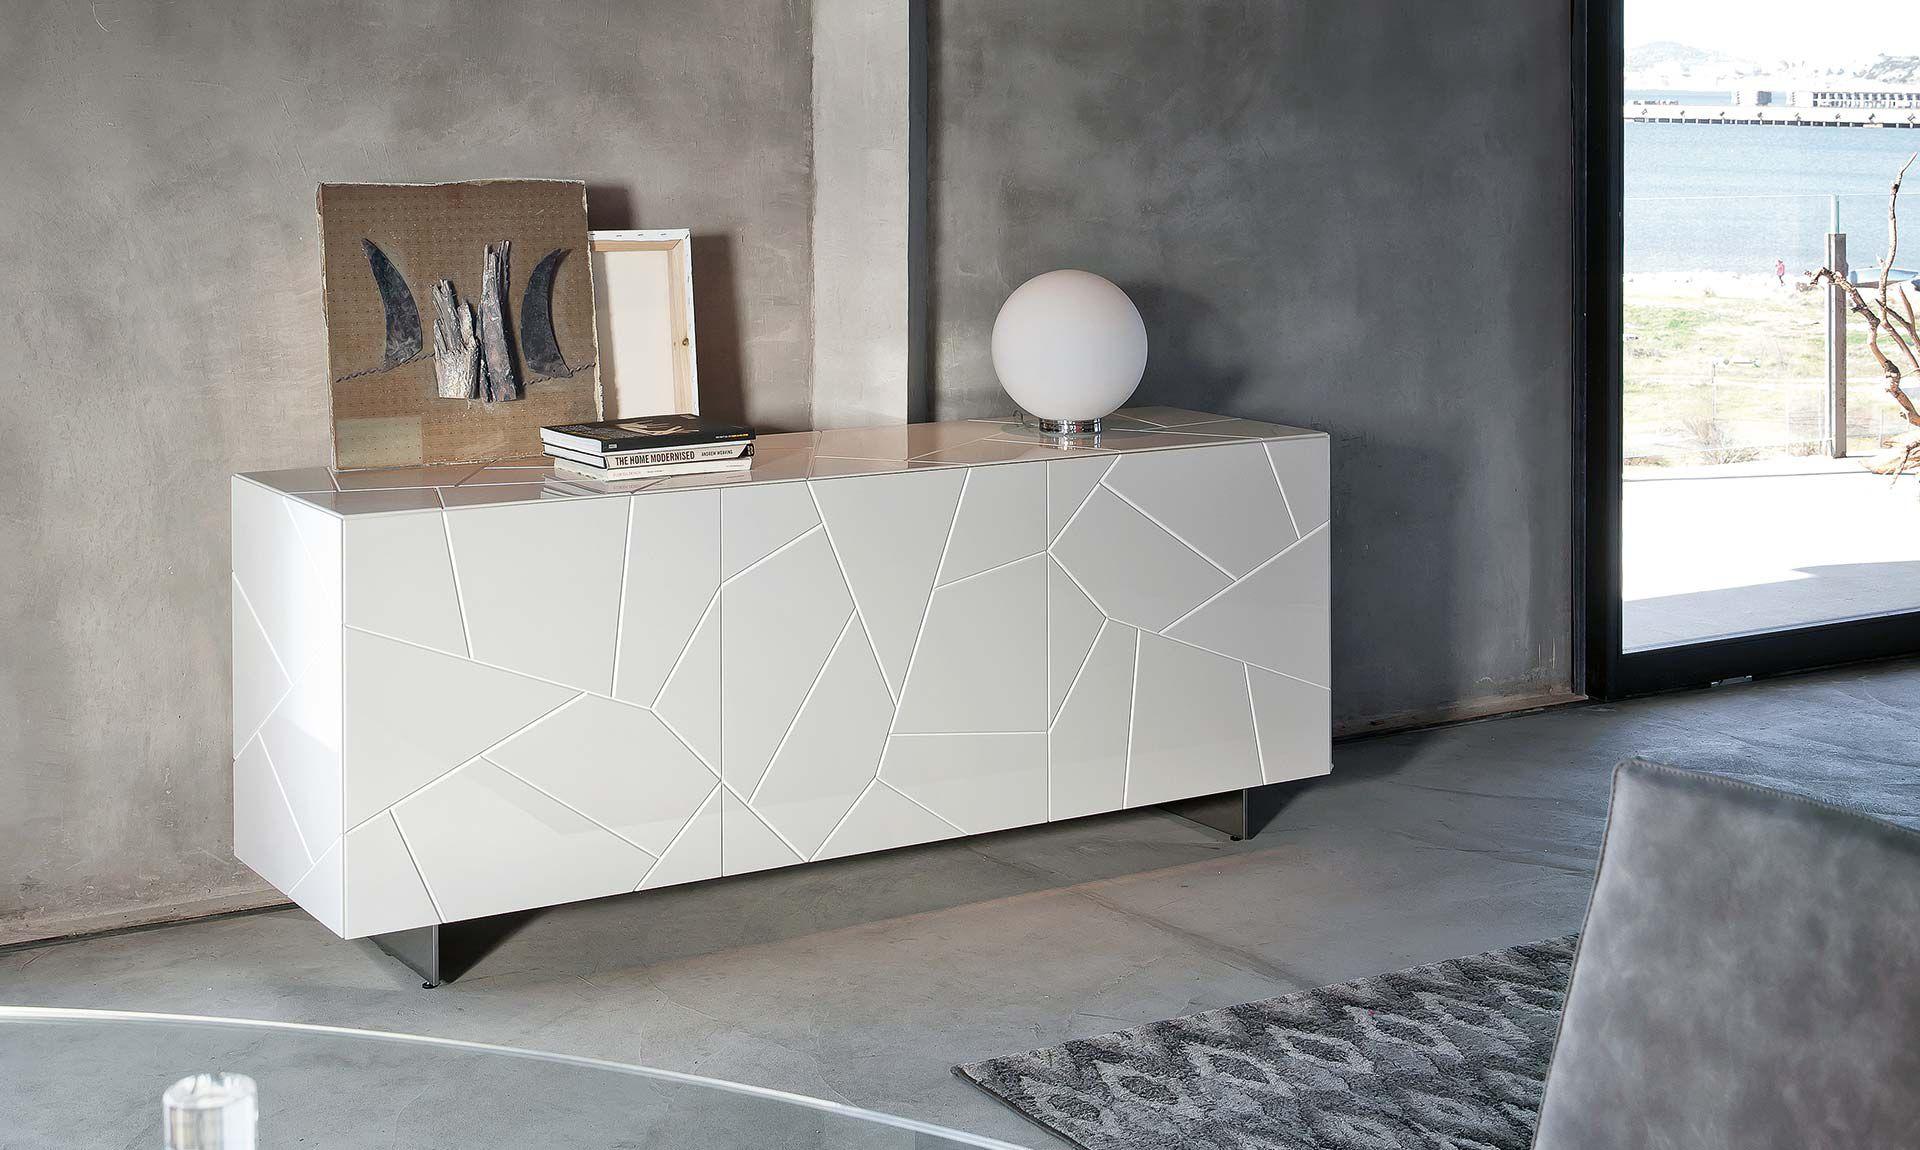 Credenza Moderna Bianca Legno : Credenza moderna in legno laccato bianca segno riflessi